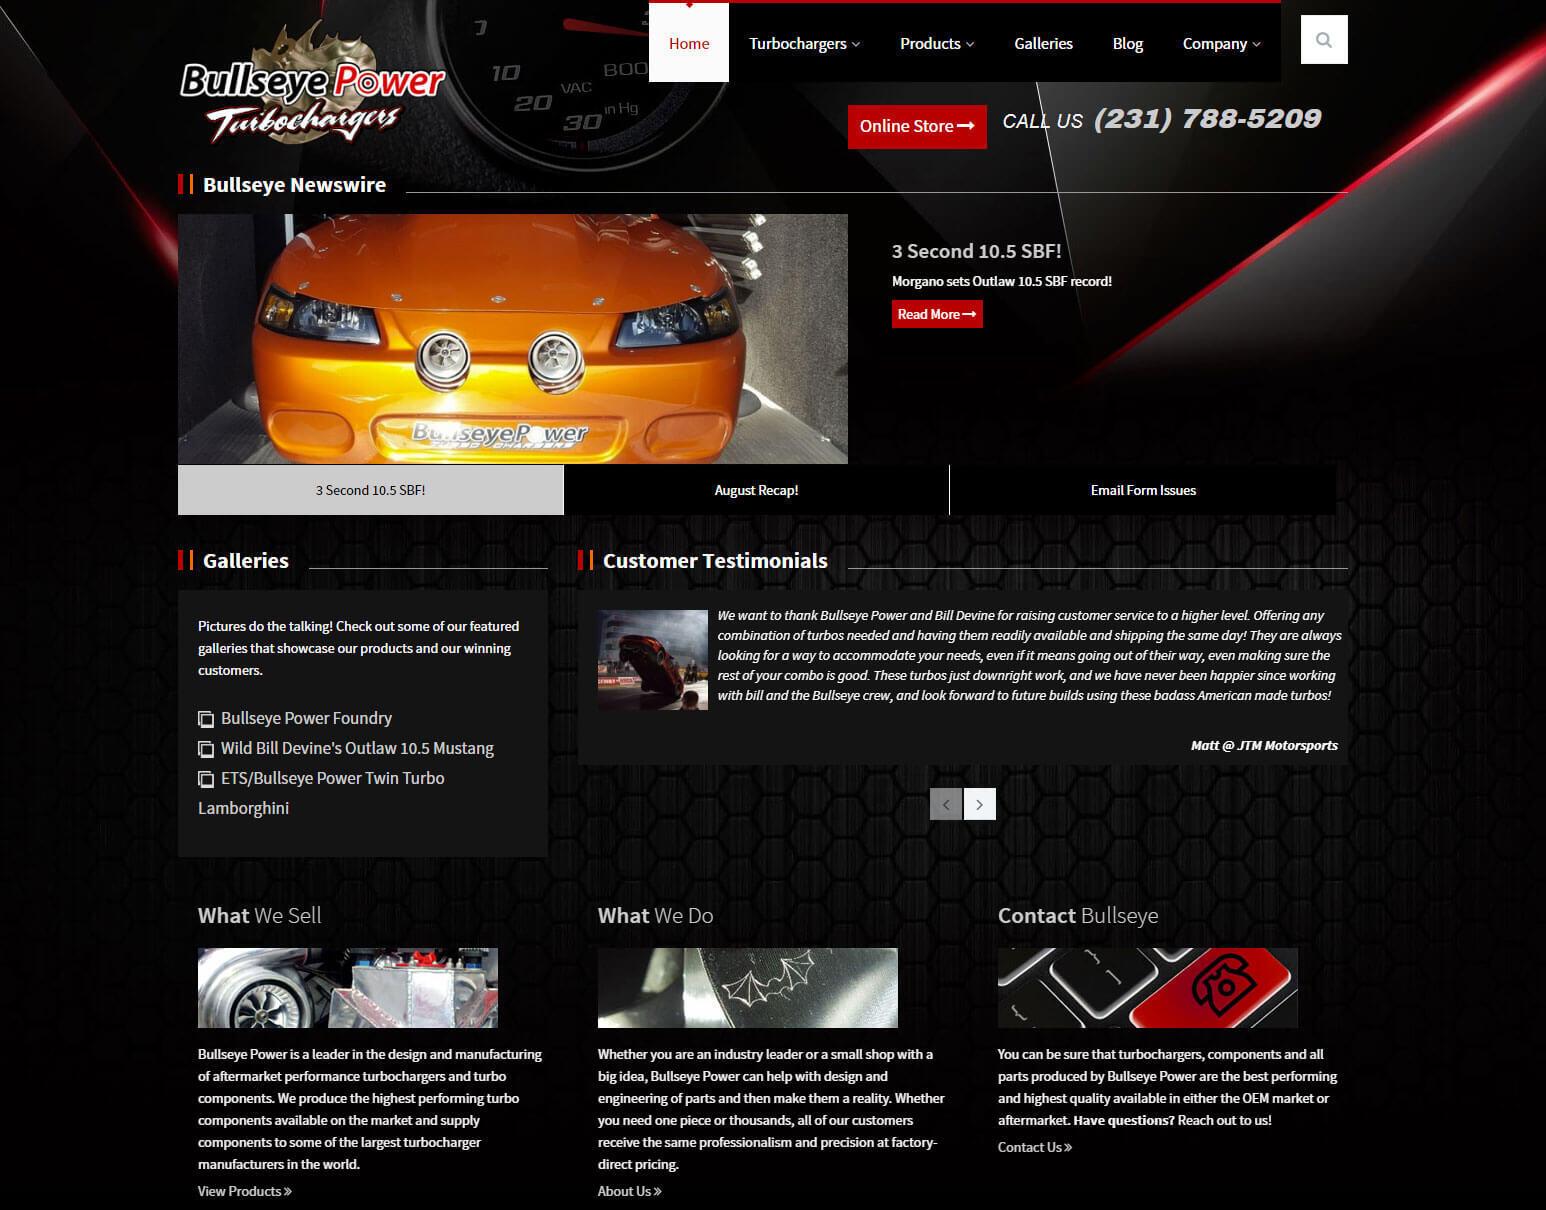 Bullseye Turbo - Website Design and Development   visionsConnect